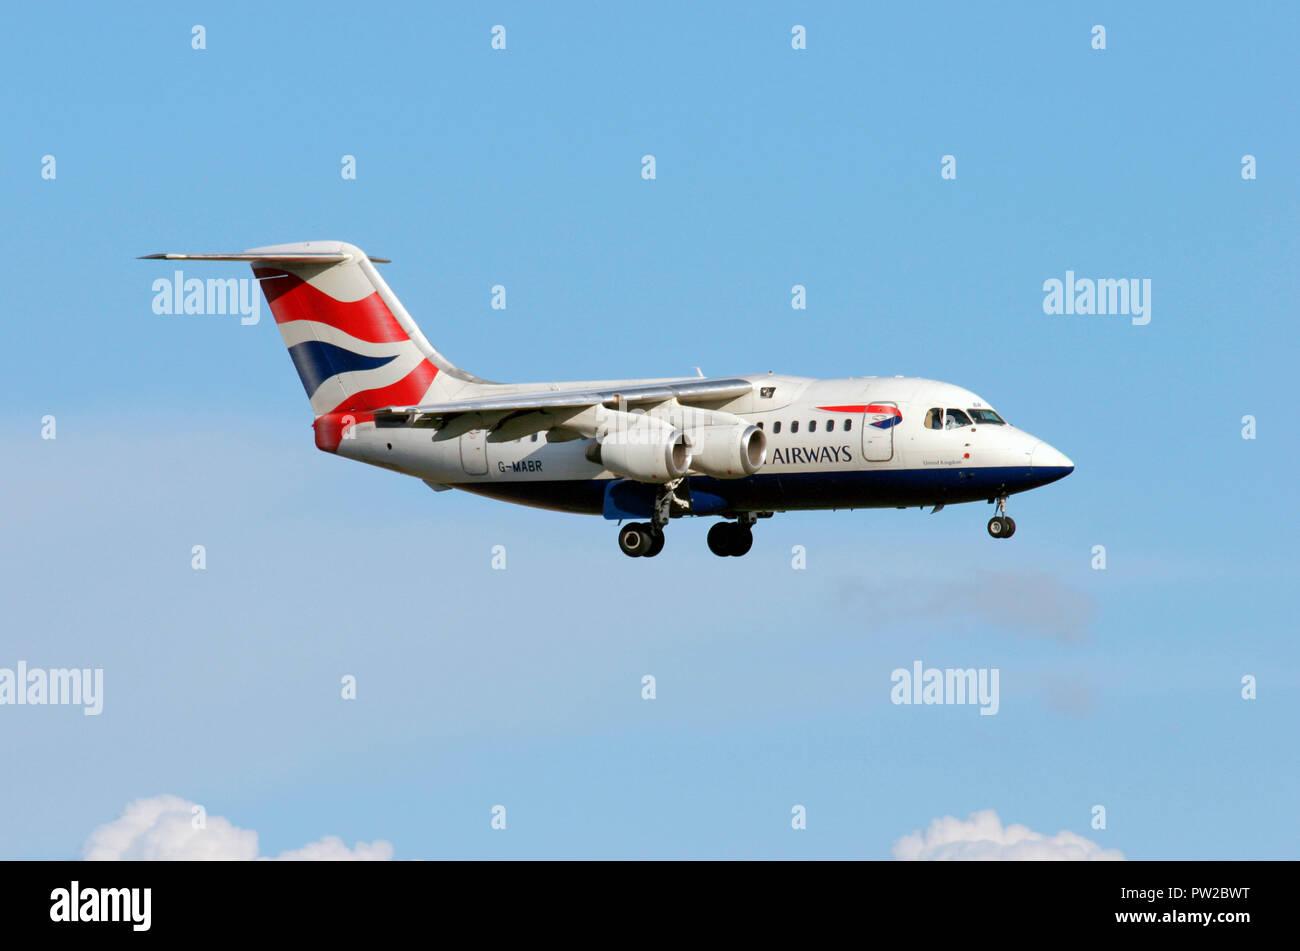 British Airways British Aerospace BAe 146-100 London Stansted aiport Stock Photo